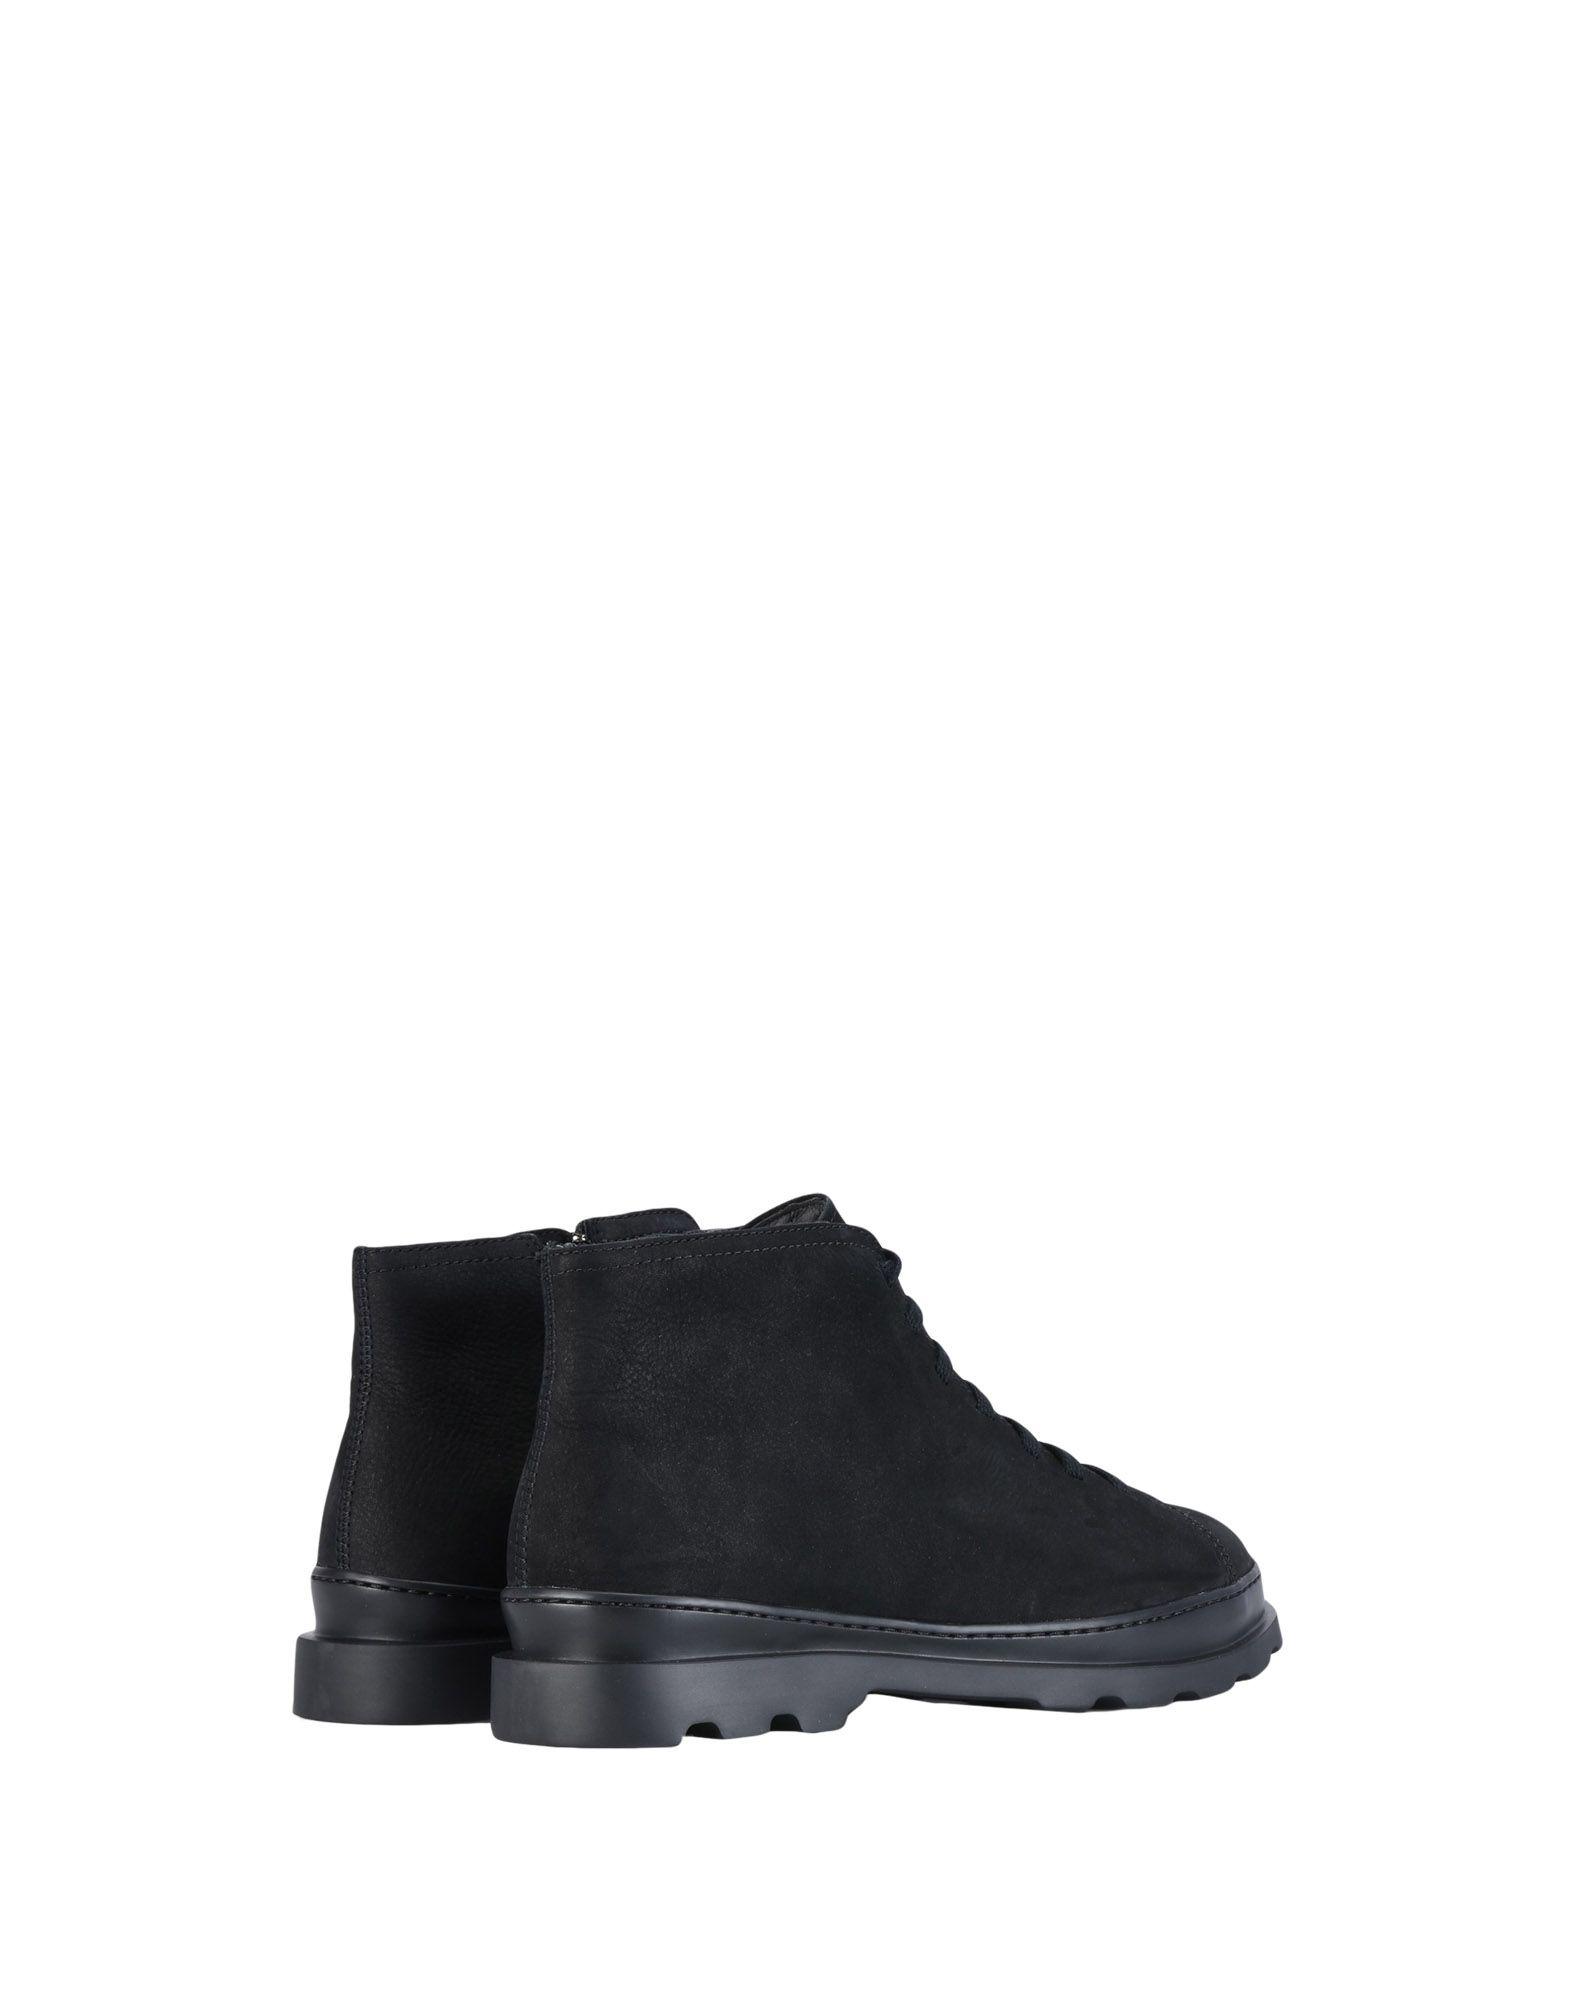 Camper Stiefelette Herren  11357099RW Schuhe Gute Qualität beliebte Schuhe 11357099RW af8fd5